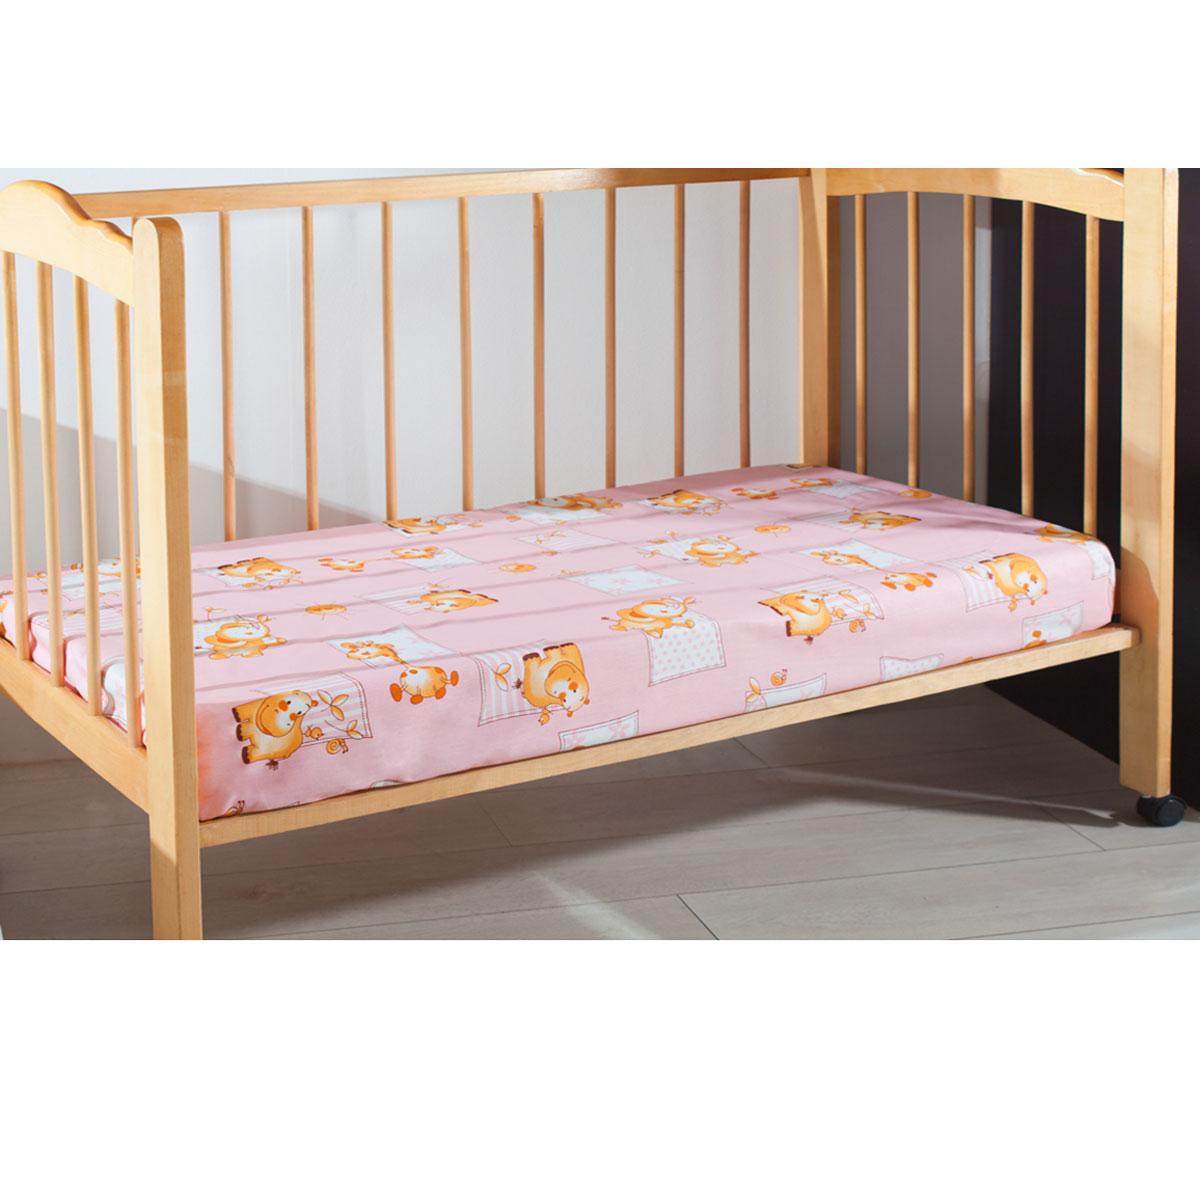 Простыня детская Primavelle, цвет: розовый, 120 см х 180 см11461210-26Мягкая простыня на резинке Primavelle идеально подойдет для кроваткивашего малыша и обеспечит ему здоровый сон. Она изготовлена из натурального100% хлопка, дарящего малышу непревзойденную мягкость. Подарите вашему малышу комфорт и удобство!